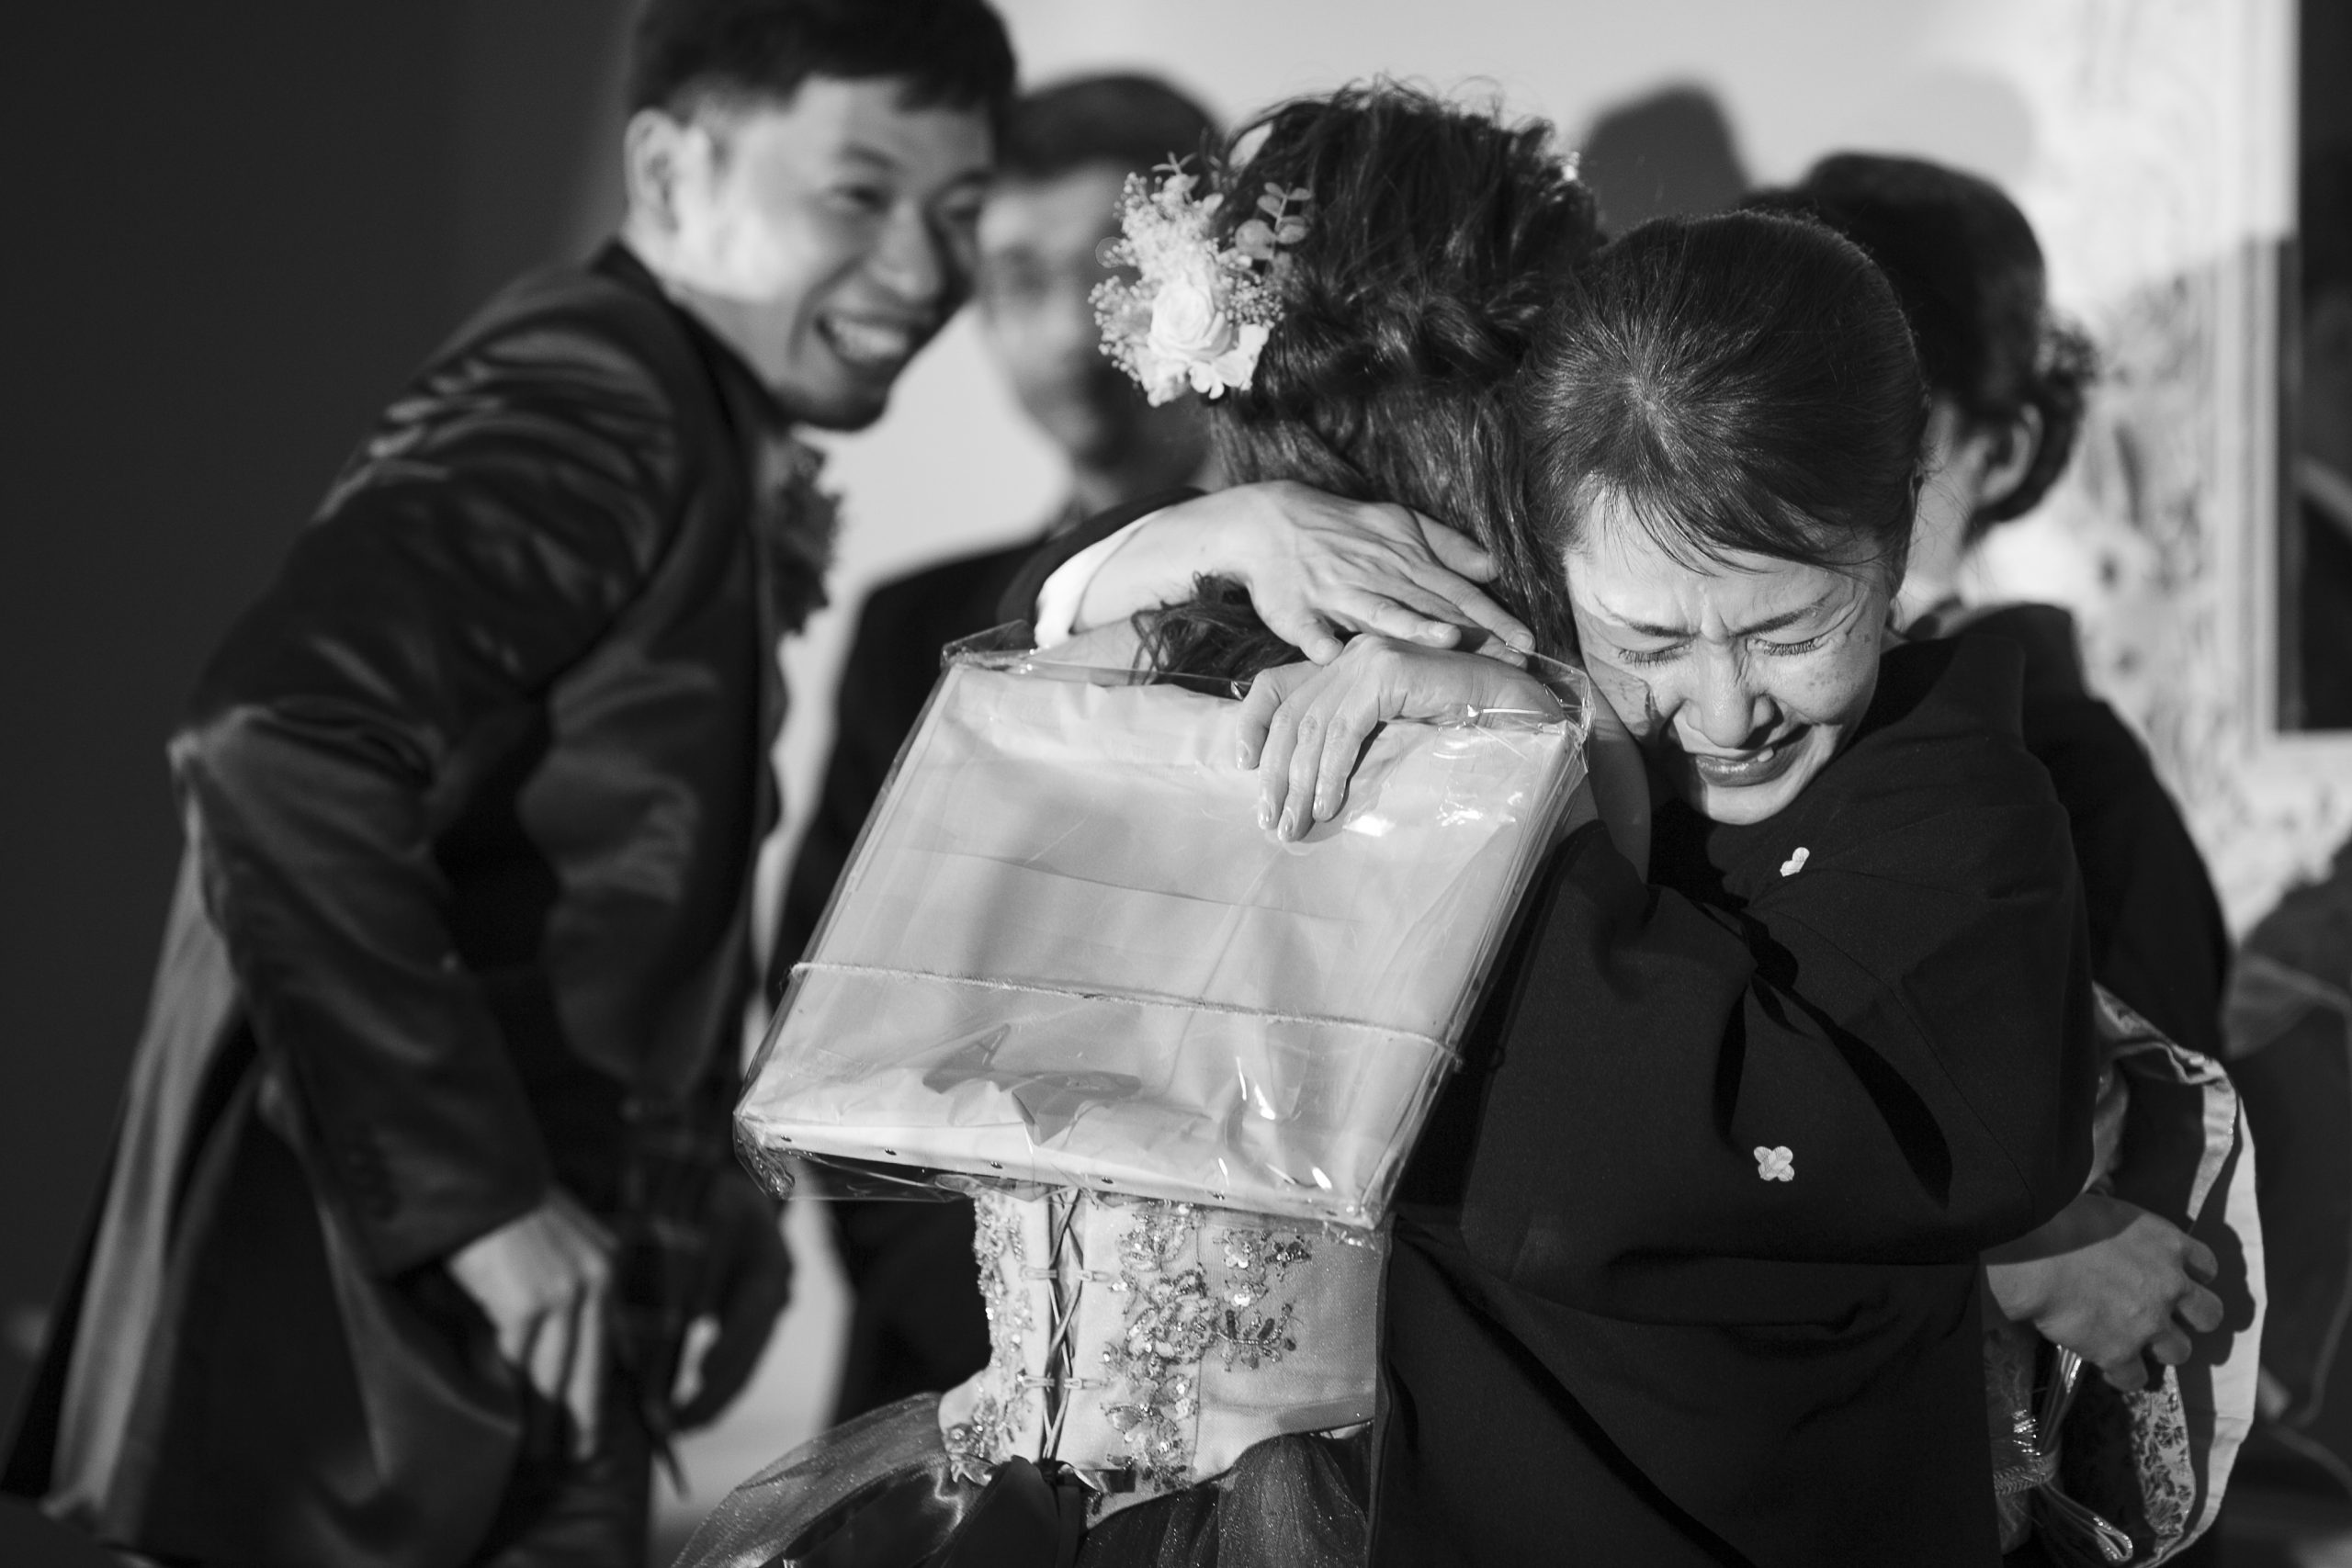 アジア最大規模のプロ対象ウェディングフォトコンテストでララシャンスのフォトグラファー8 名が「Excellence Award」を受賞